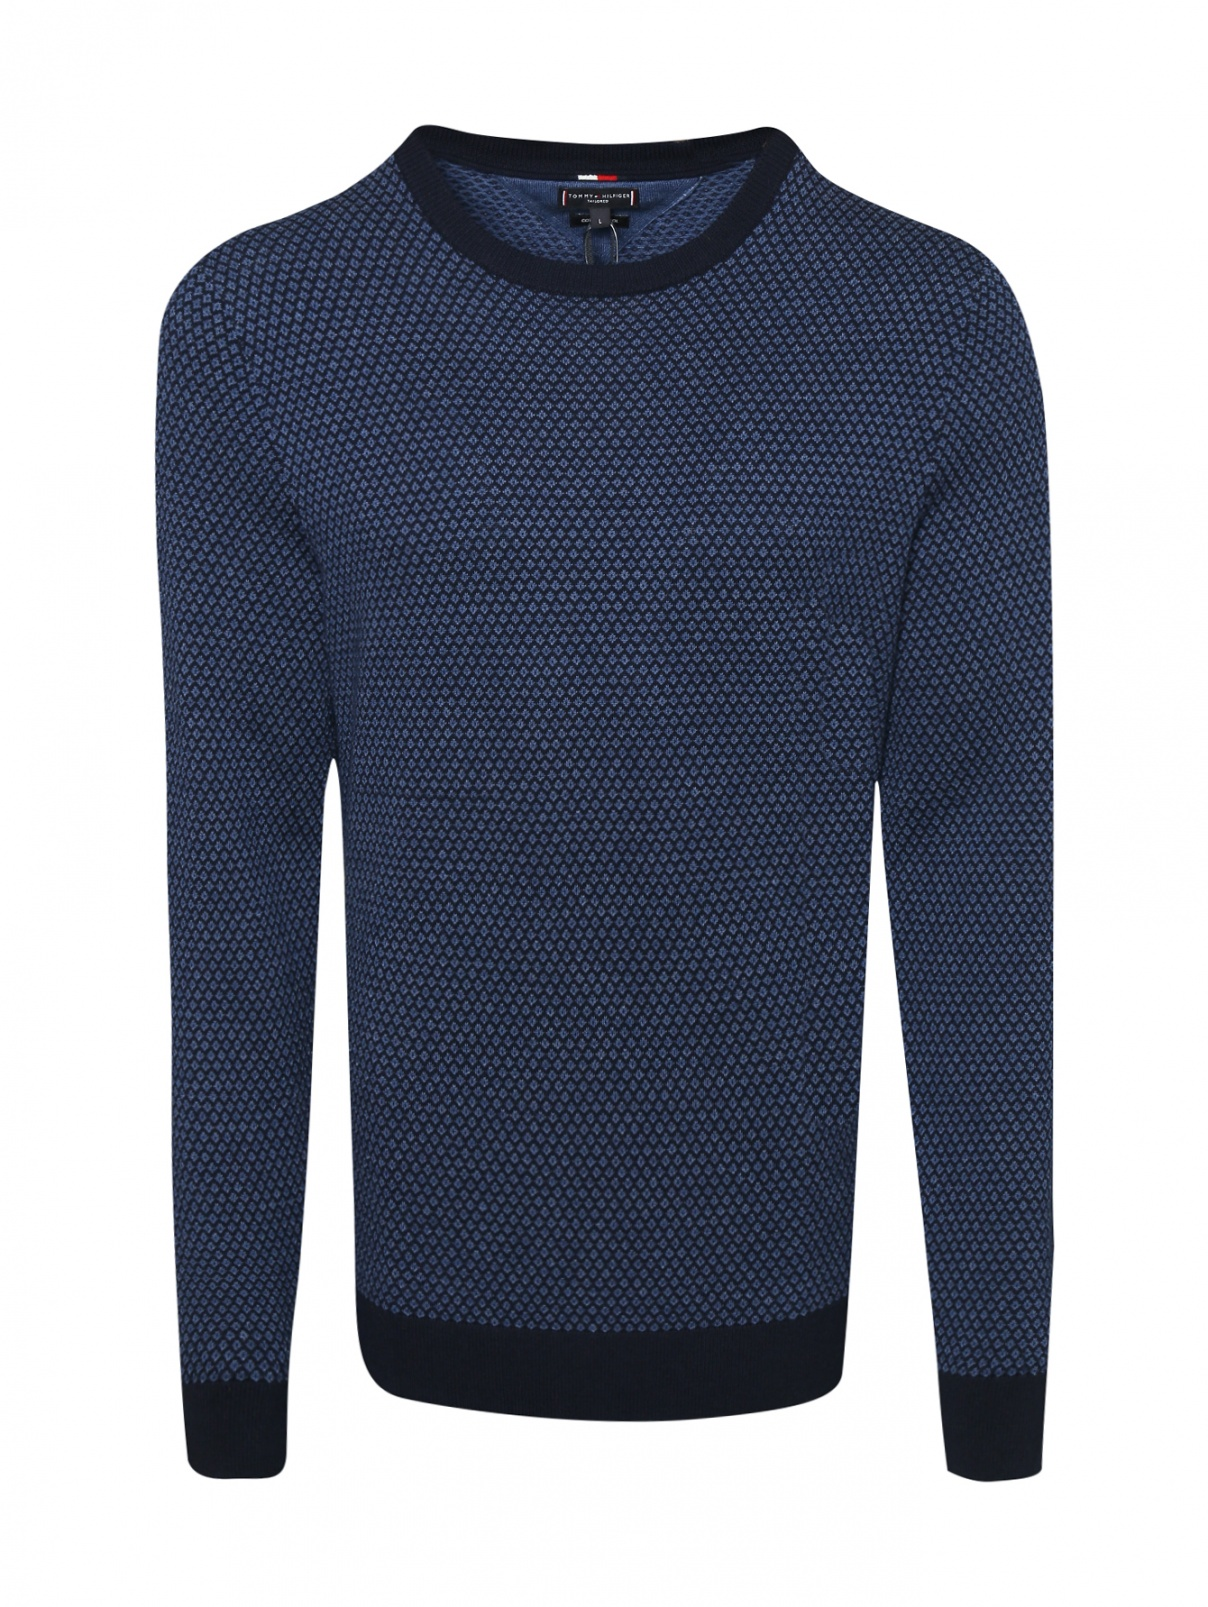 Джемпер из хлопка и шерсти с узором Tommy Hilfiger  –  Общий вид  – Цвет:  Синий